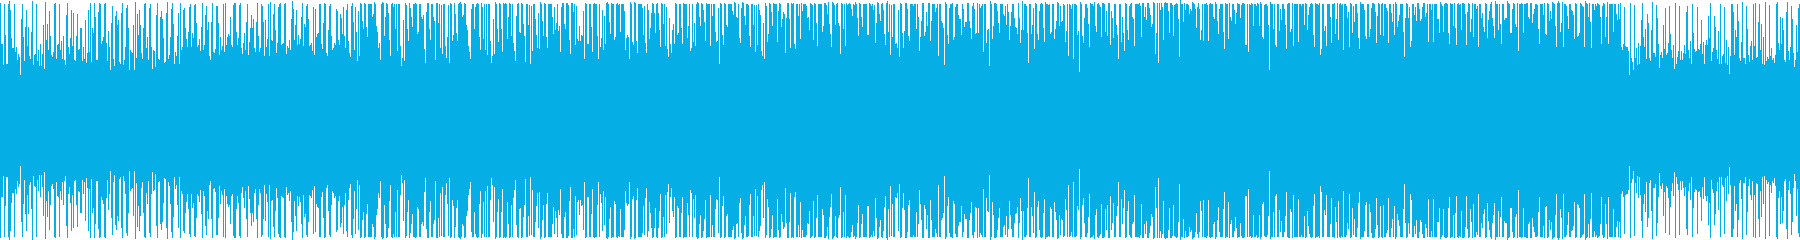 バトル系アラビアン風_BGMの再生済みの波形